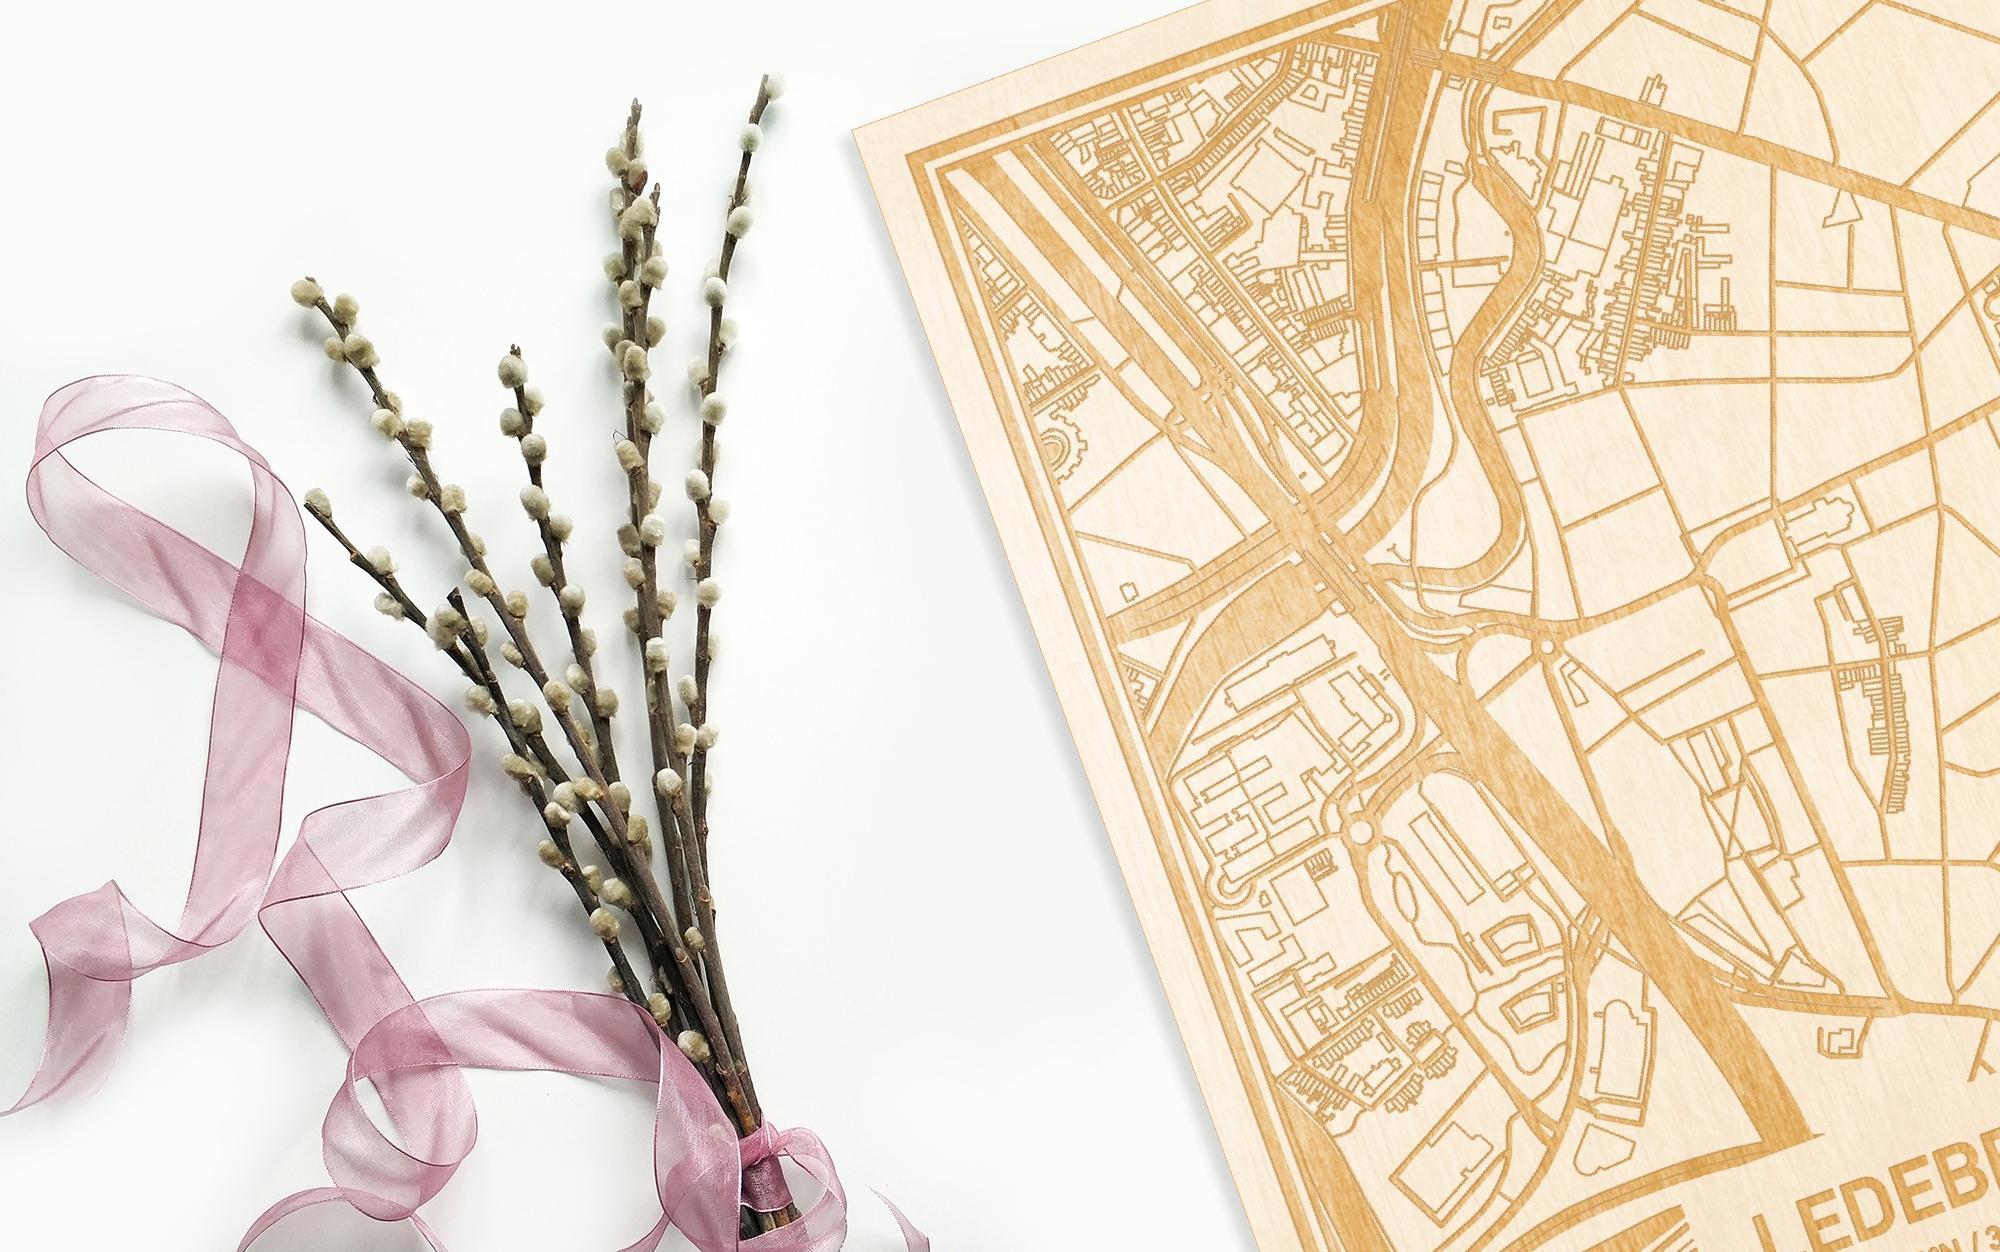 Hier ligt de houten plattegrond Ledeberg naast een bloemetje als gepersonaliseerd cadeau voor haar.